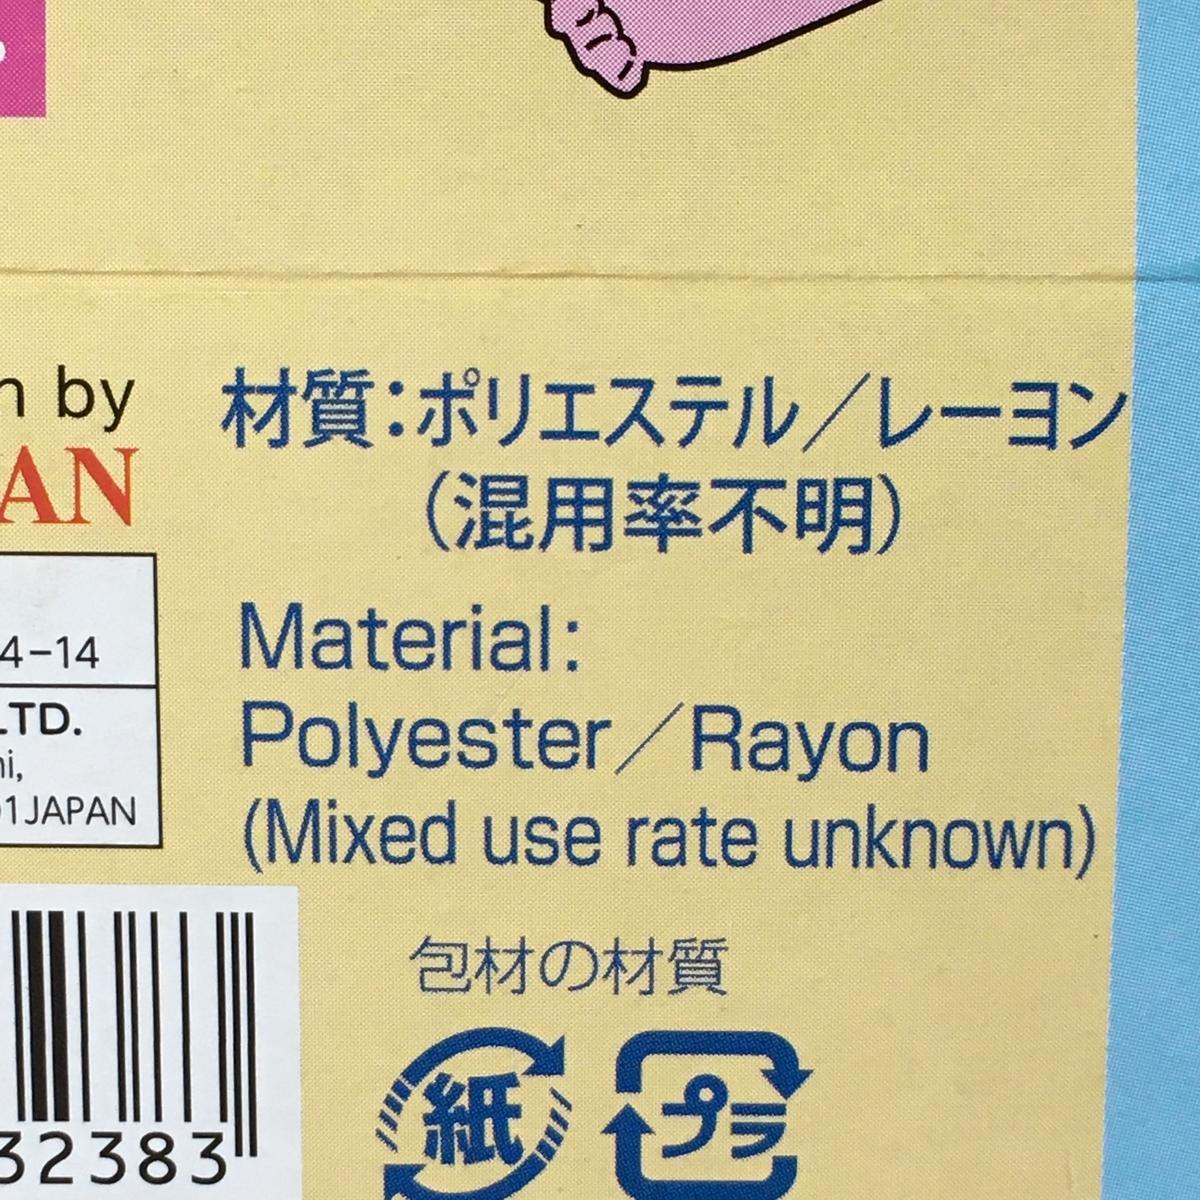 ダイソーの白いハギレの材質はポリエステル/レーヨン